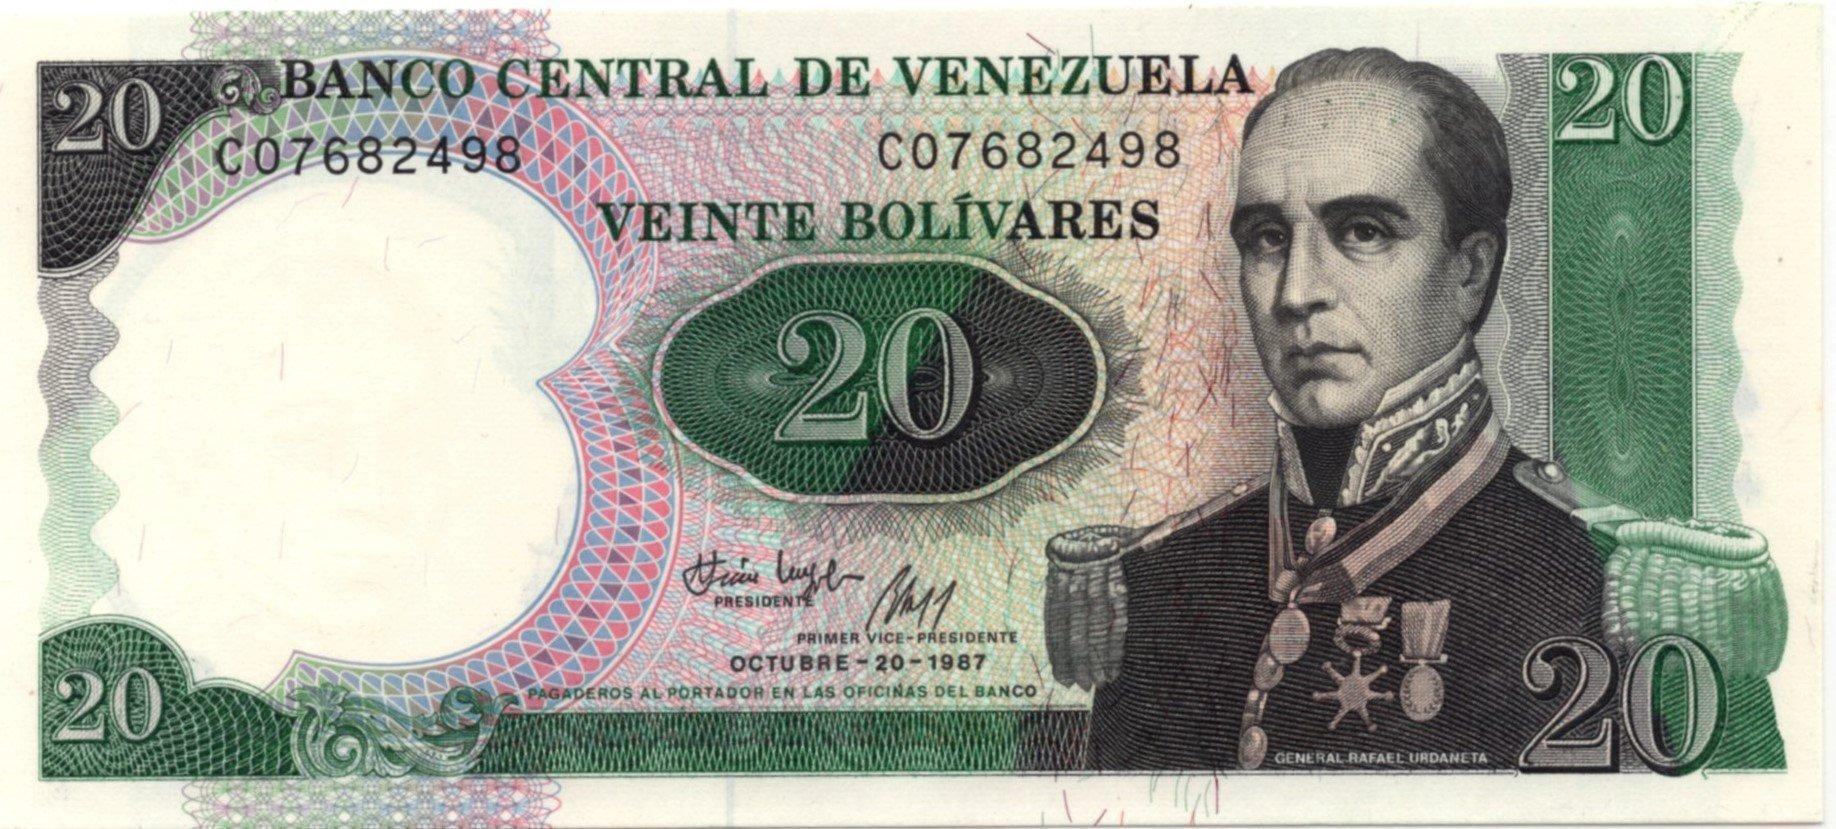 Venezuela 20 bolivares 1987